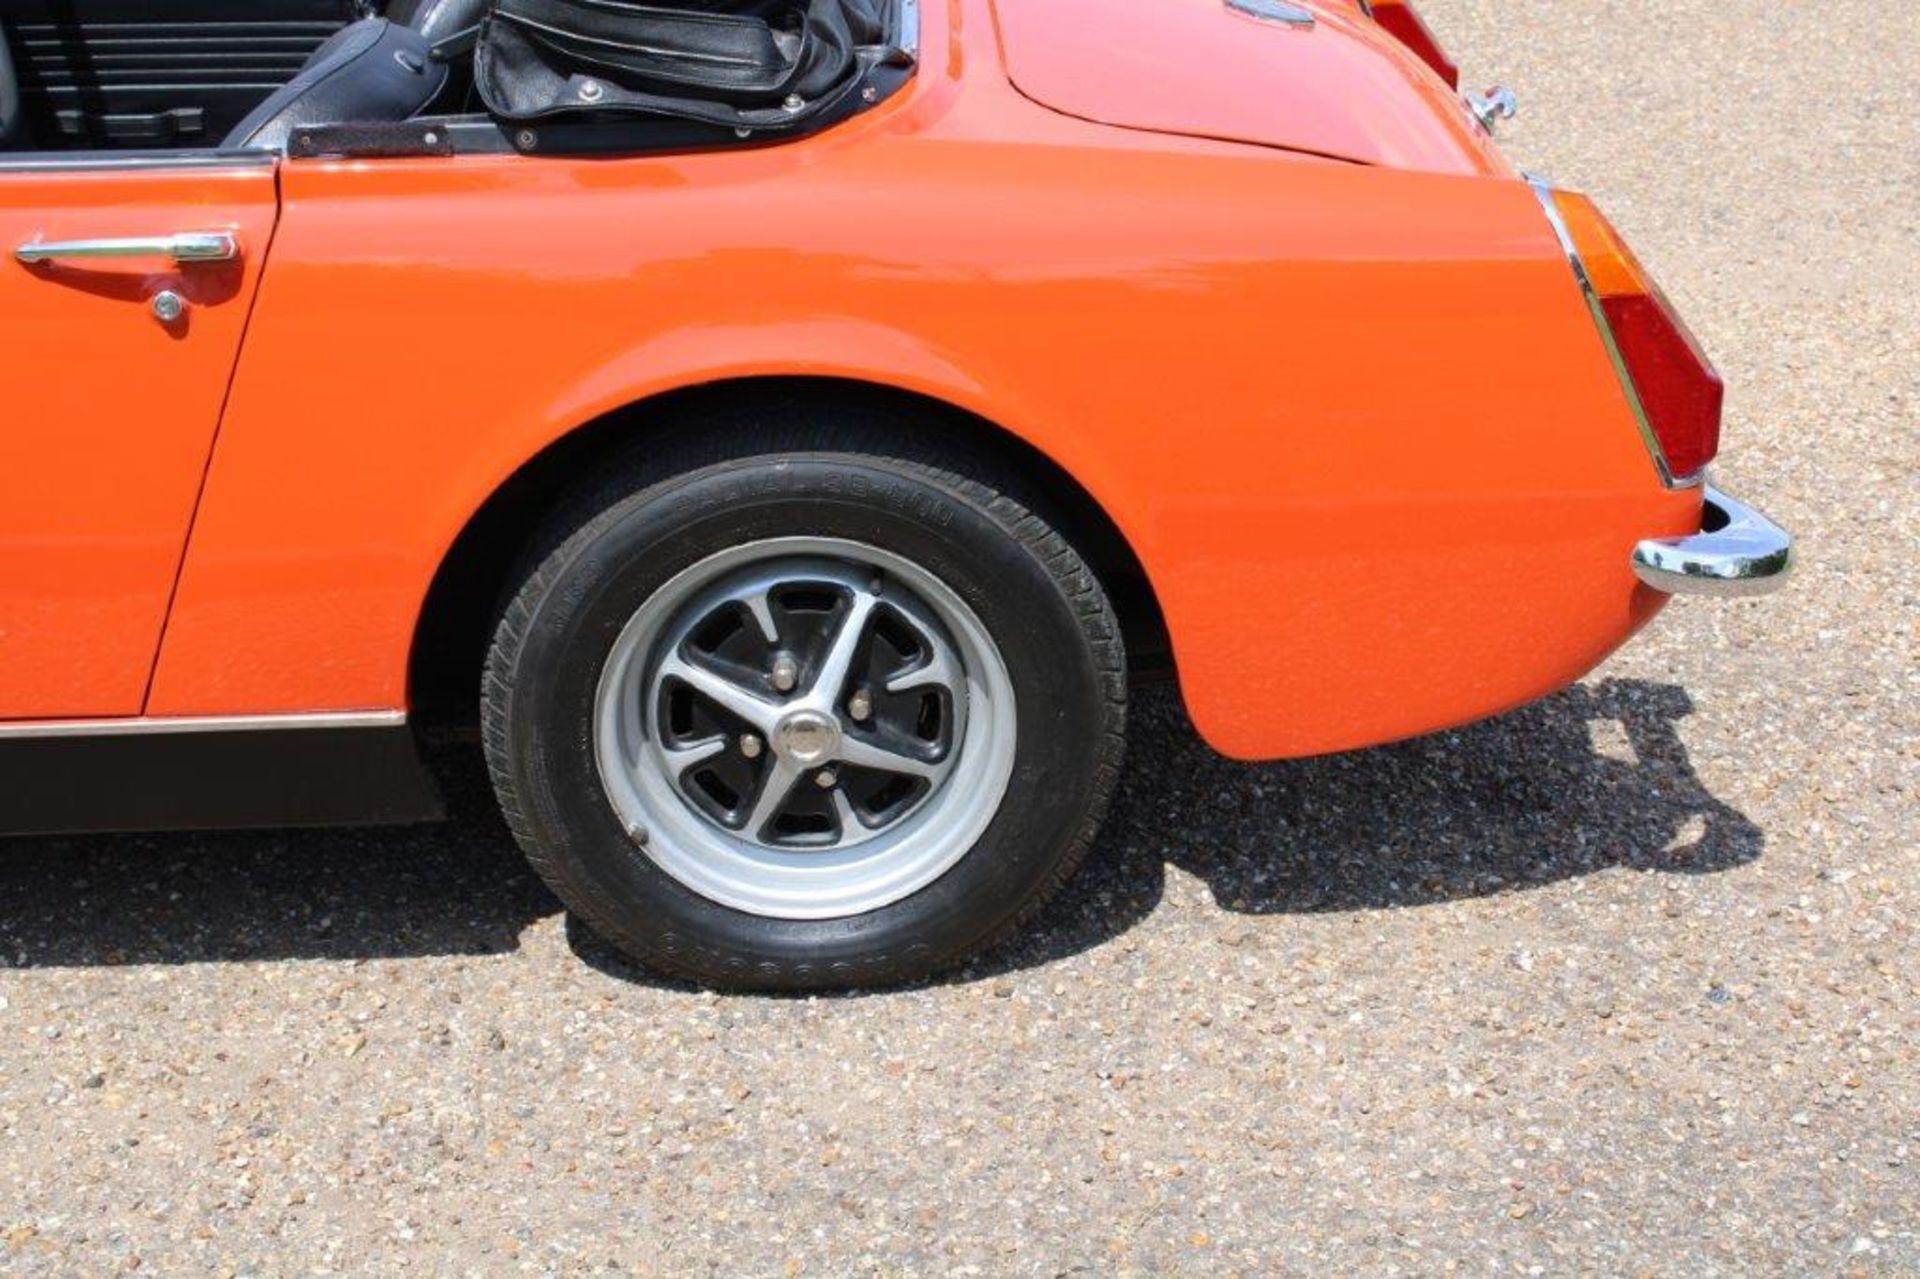 1974 MG Midget MK III - Image 5 of 30